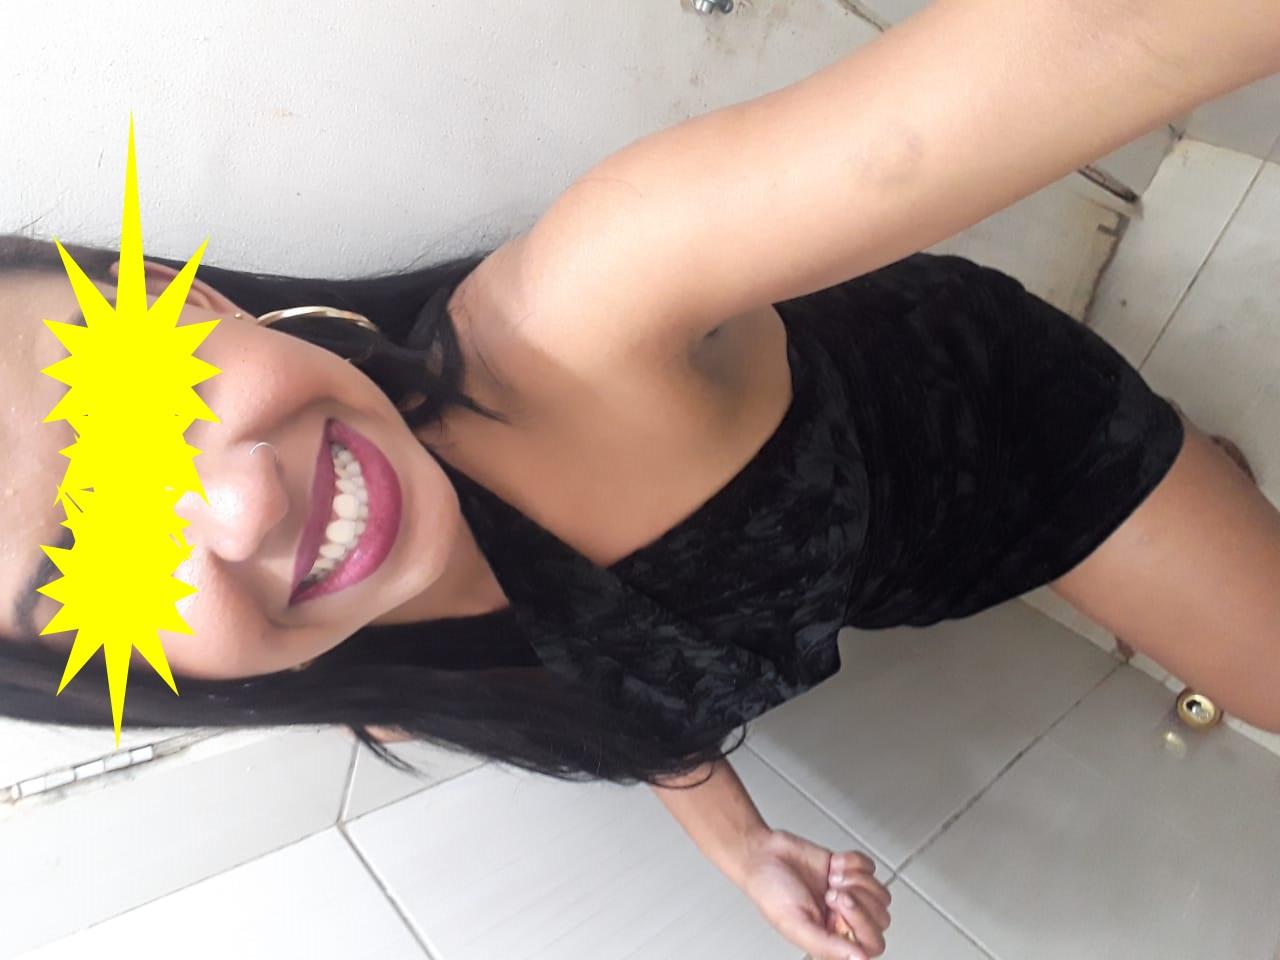 Gata gold amadora brasileira dando a buceta